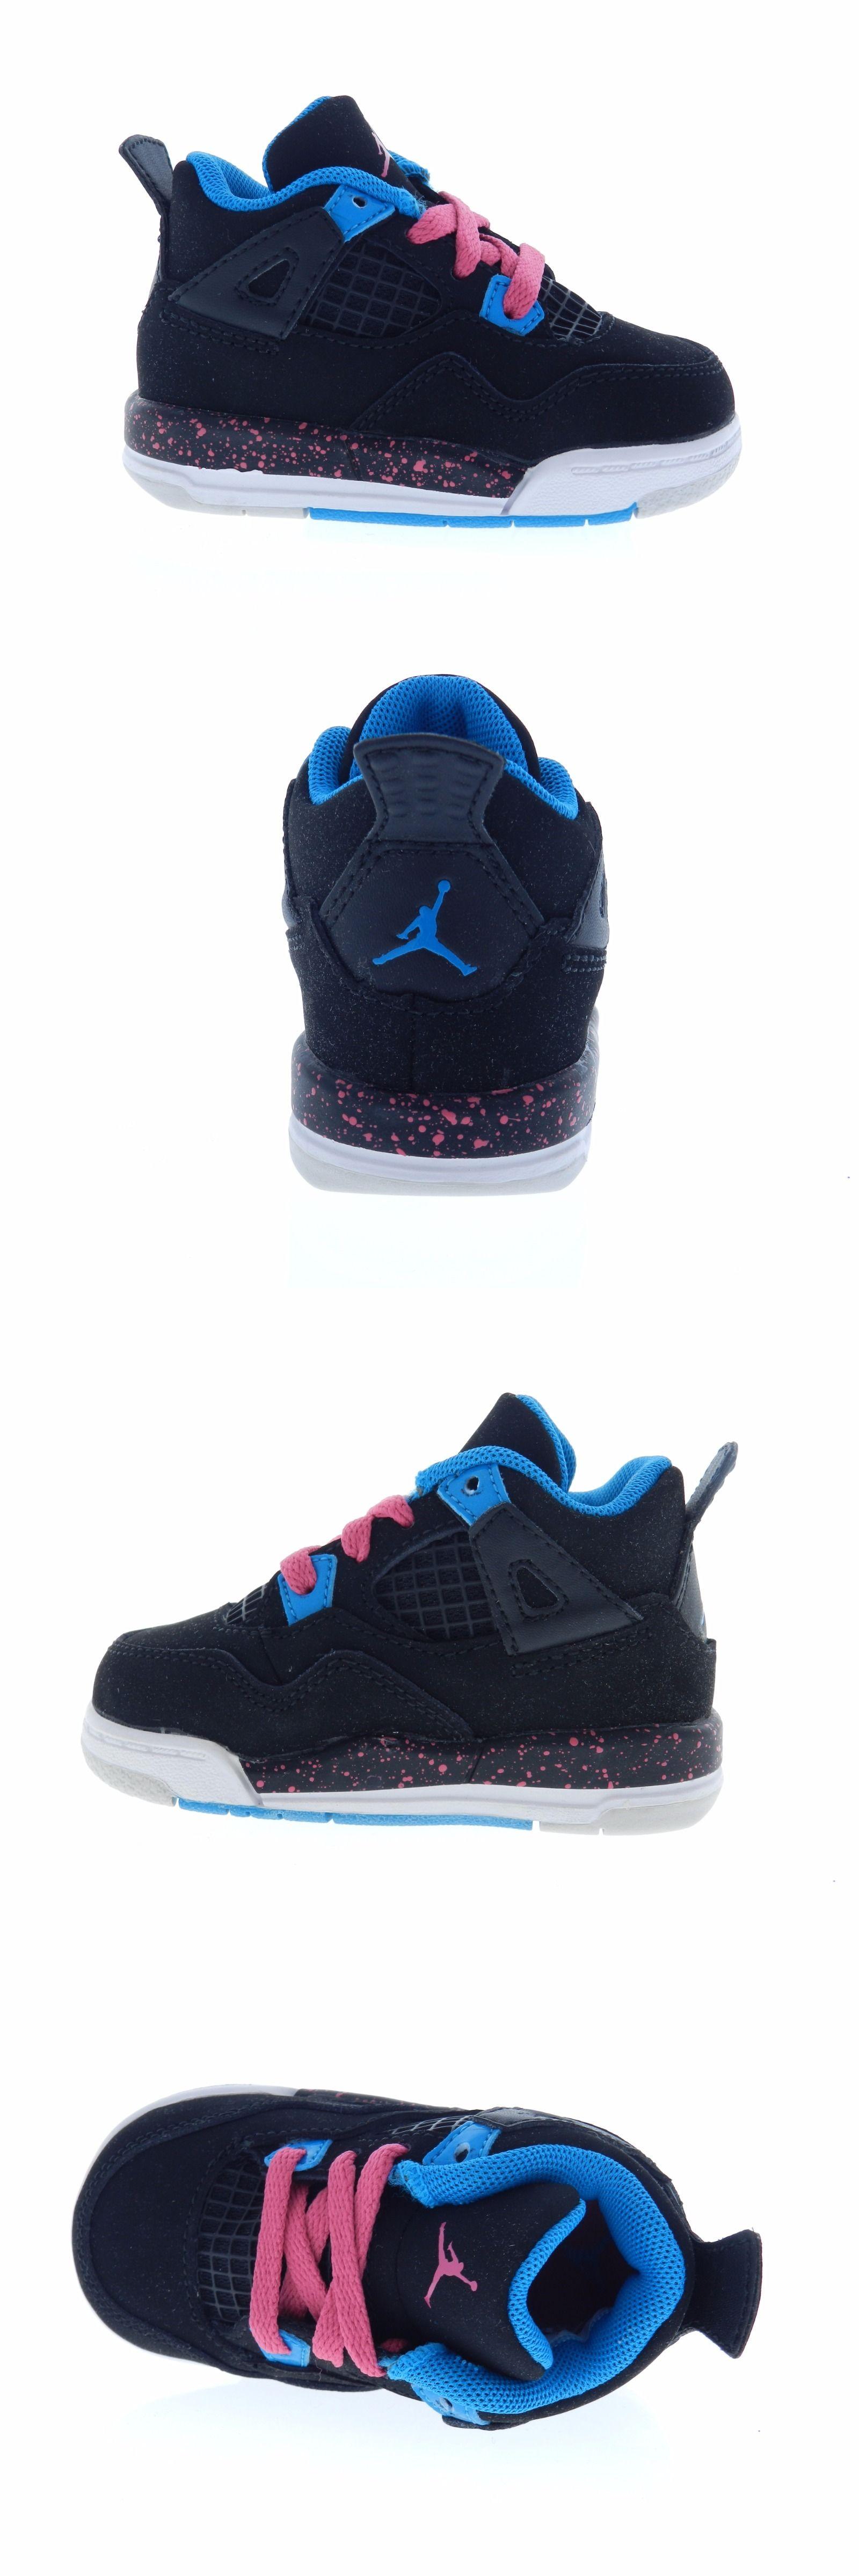 Infant Shoes Nike Toddler Air Jordan 4 Retro Size 4C Black Pink